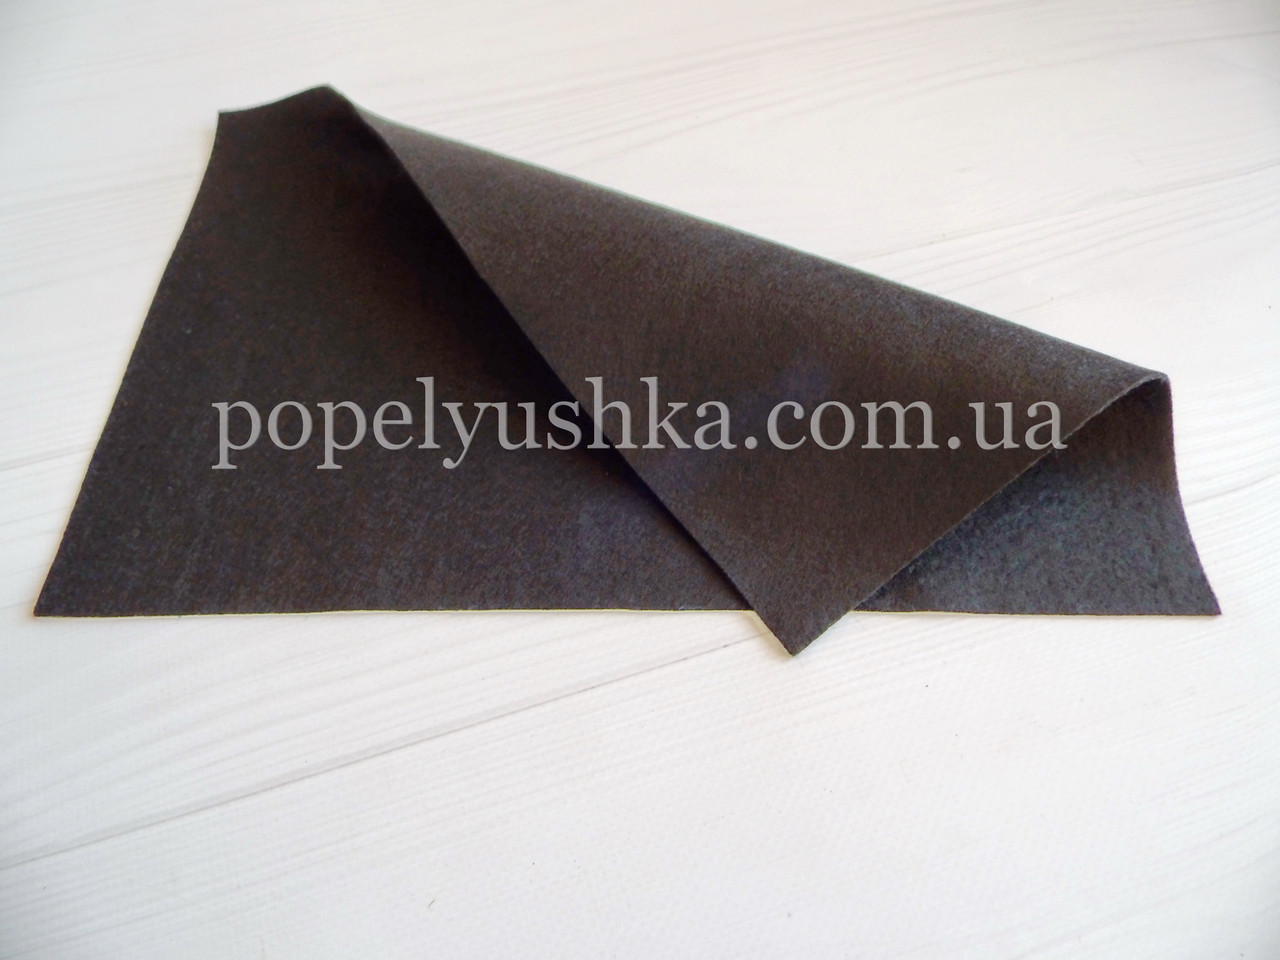 Фетр 1.3 мм китайский мягкий черный 20 * 30см